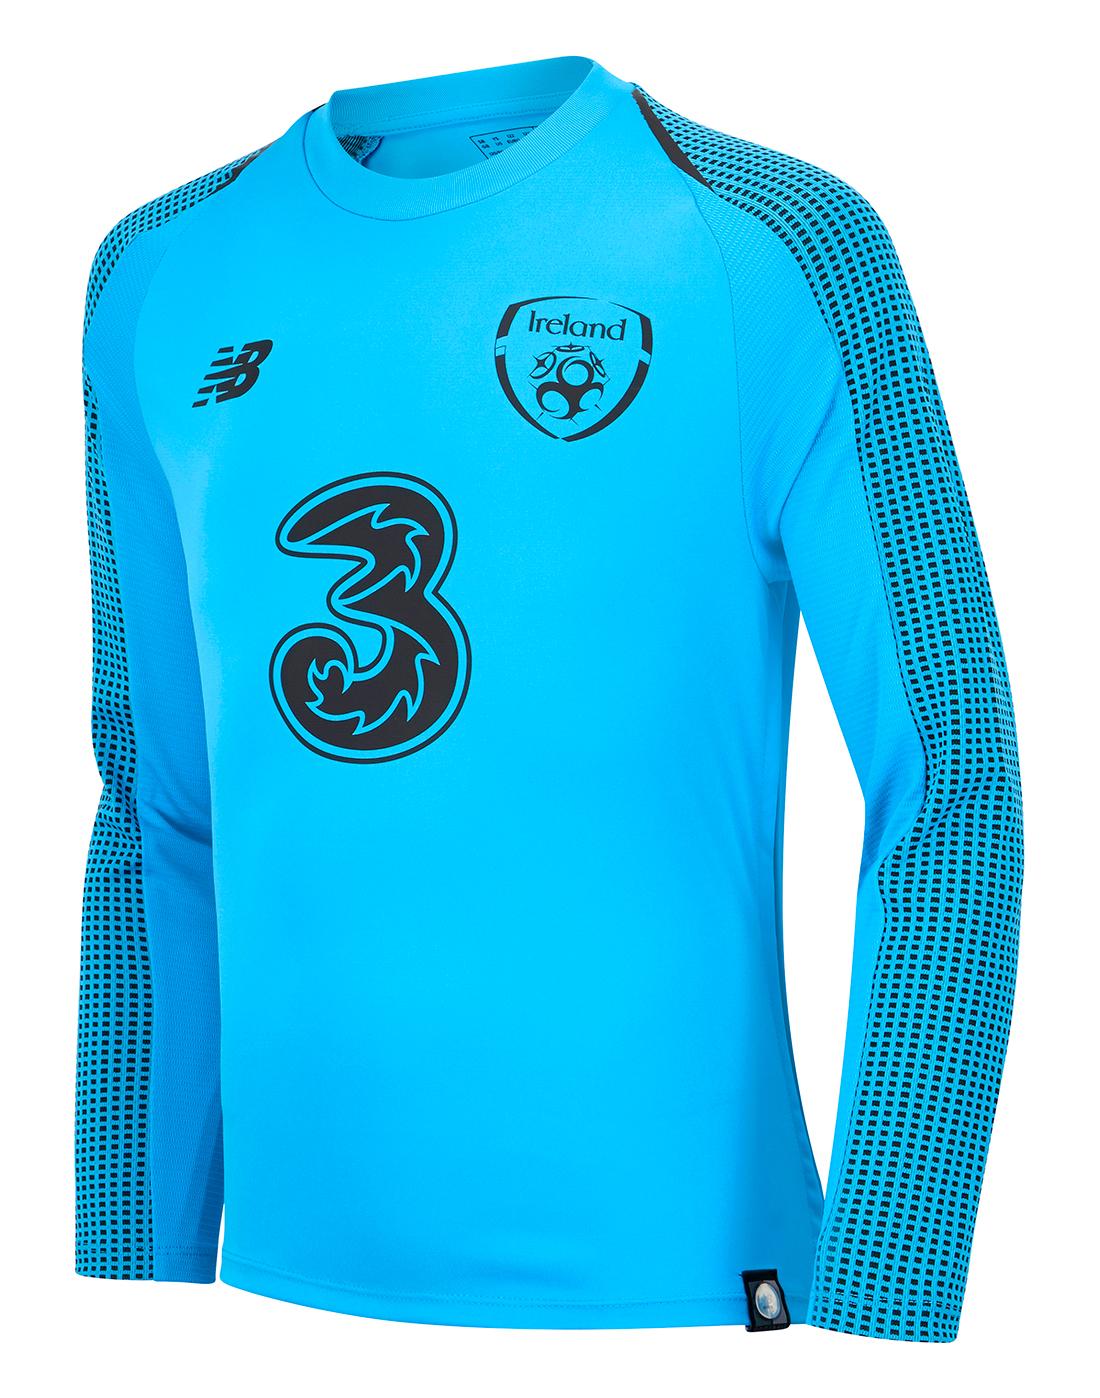 38e81adc091 Kids Ireland Goalkeeper Jersey · Kids Ireland Goalkeeper Jersey ...